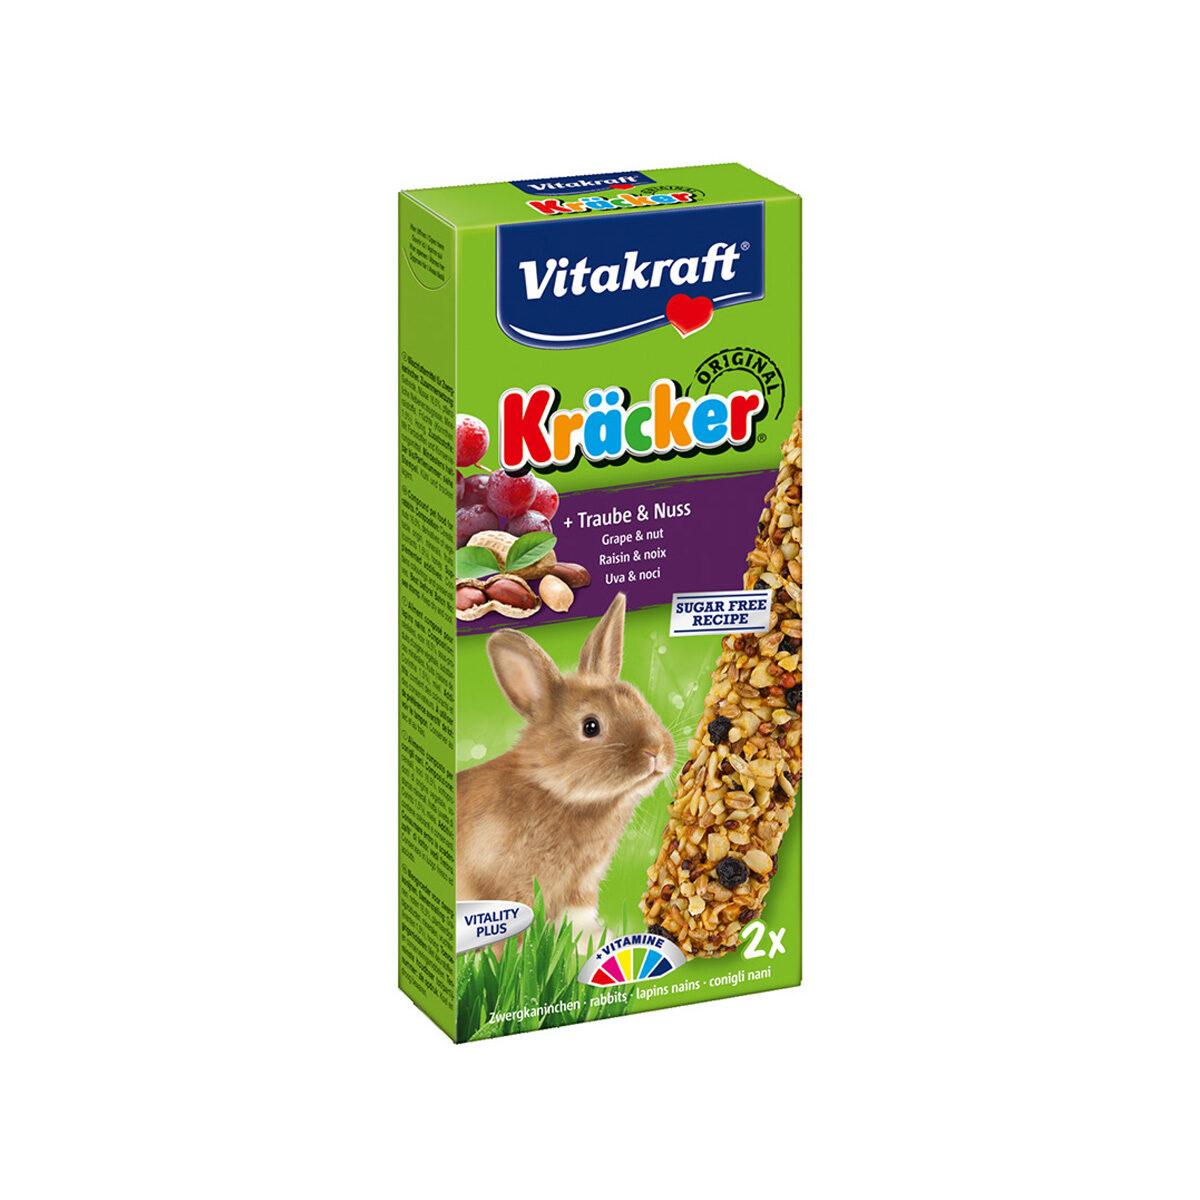 Vitakraft Kräcker Konijnensnack 2-in-1 Druif&Noot